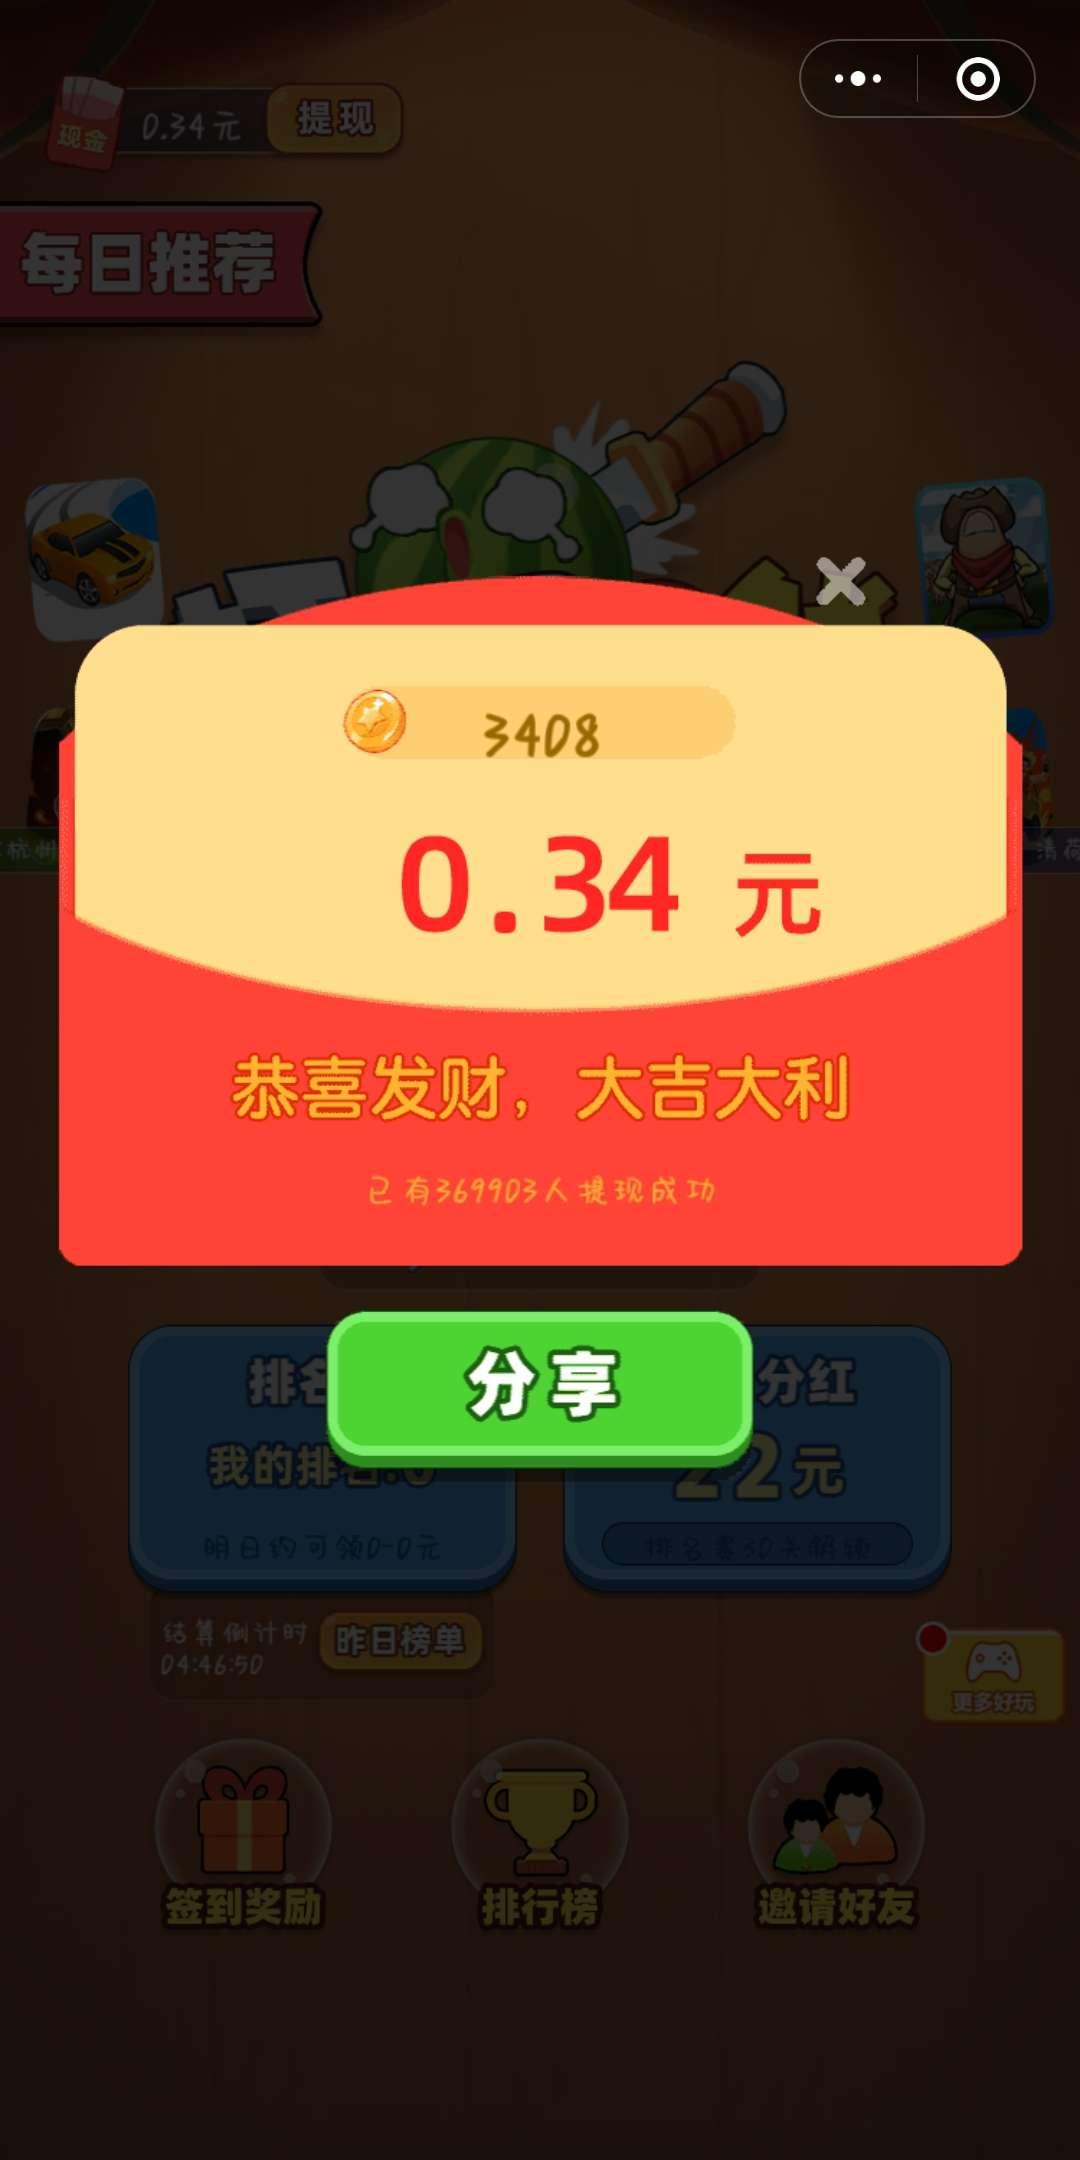 打水果赚钱玩游戏过3关领0.3元红包  第1张